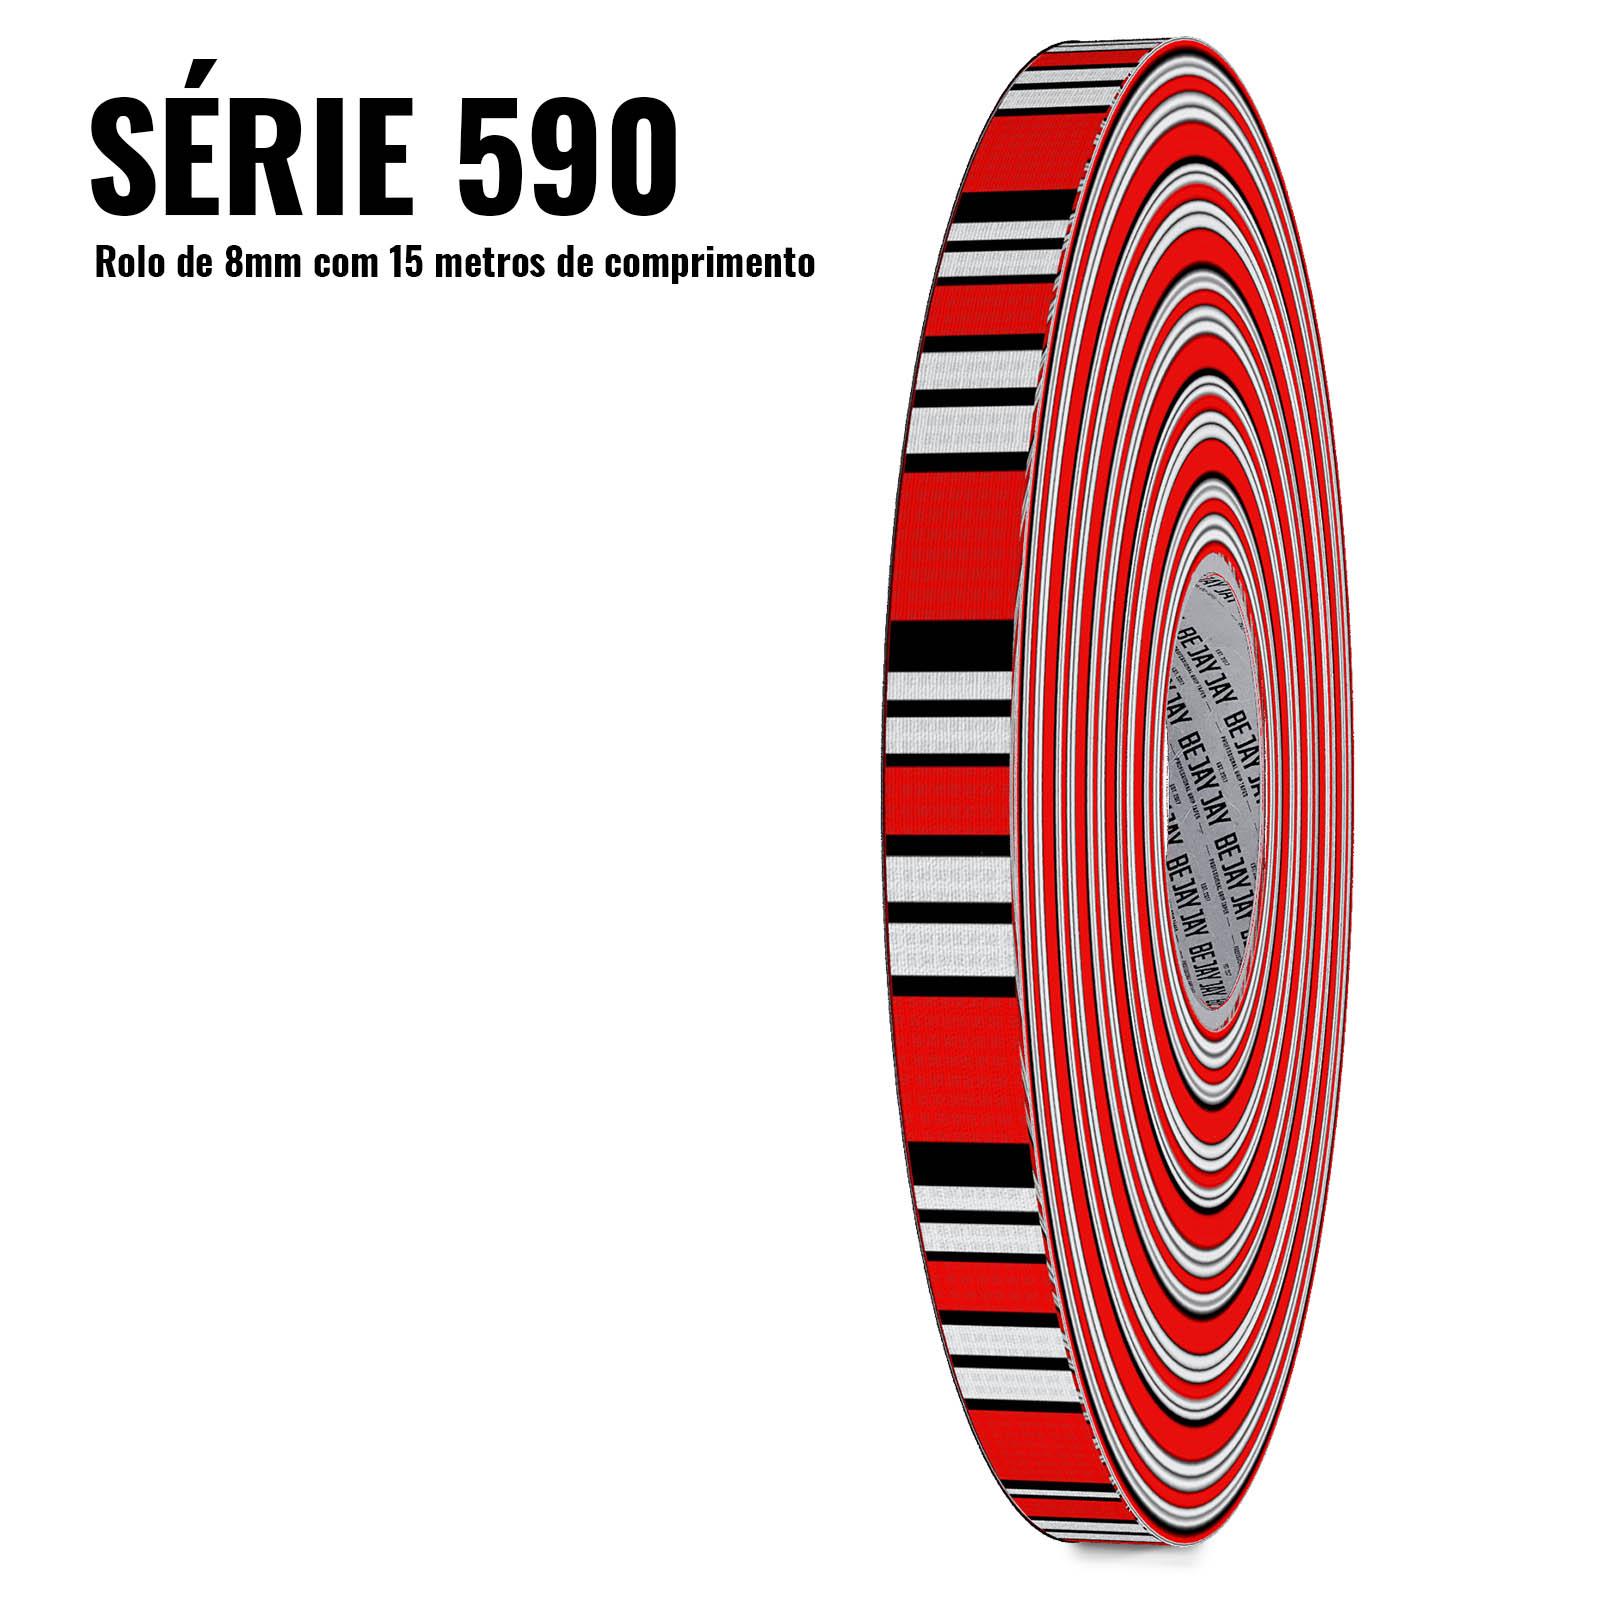 Série 590 - Coral (8mm - Cada rolo tem 15 metros de tape)